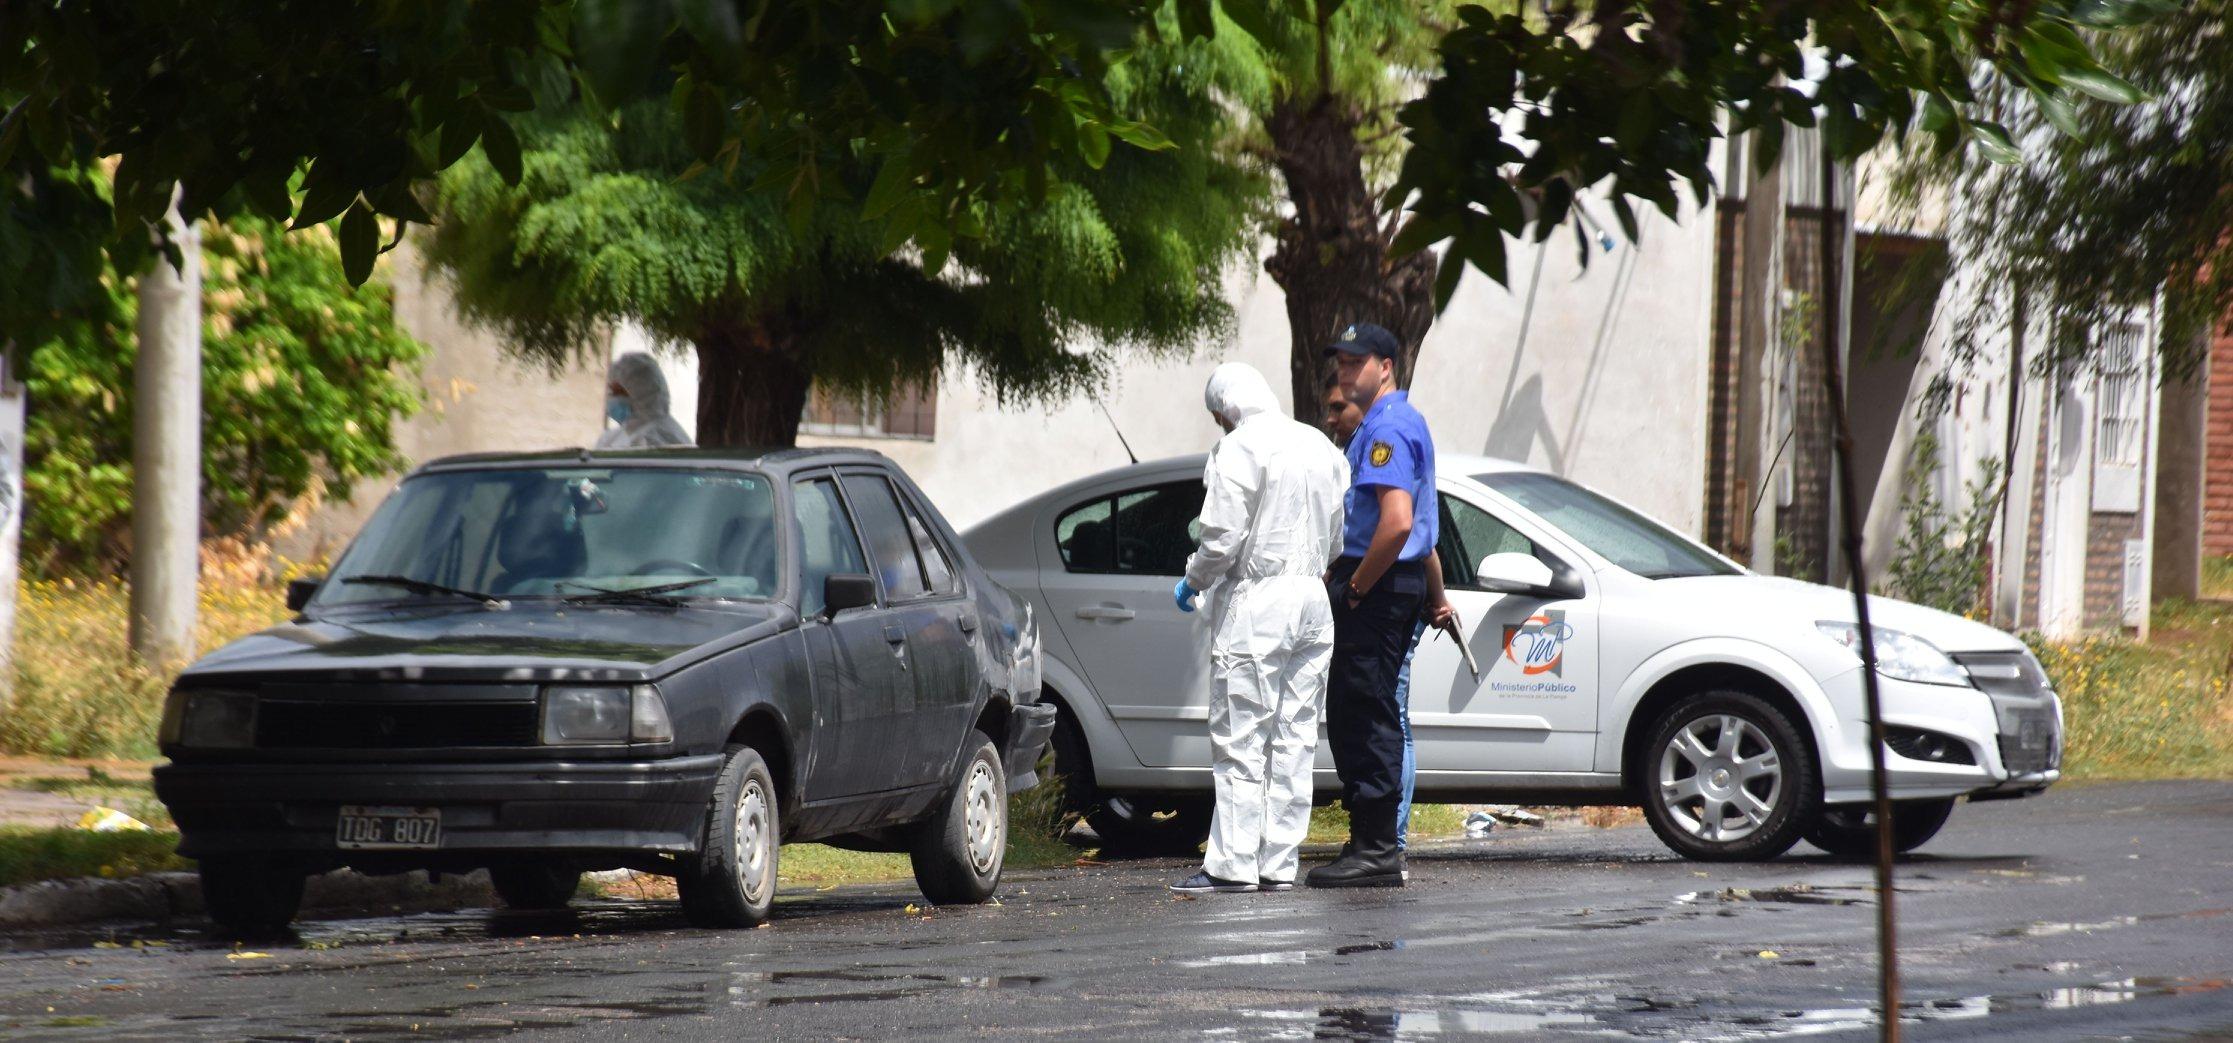 Mañana comienza el juicio por el doble homicidio de Jacinto Atilio Tallone y Héctor Ceferino Lapettina